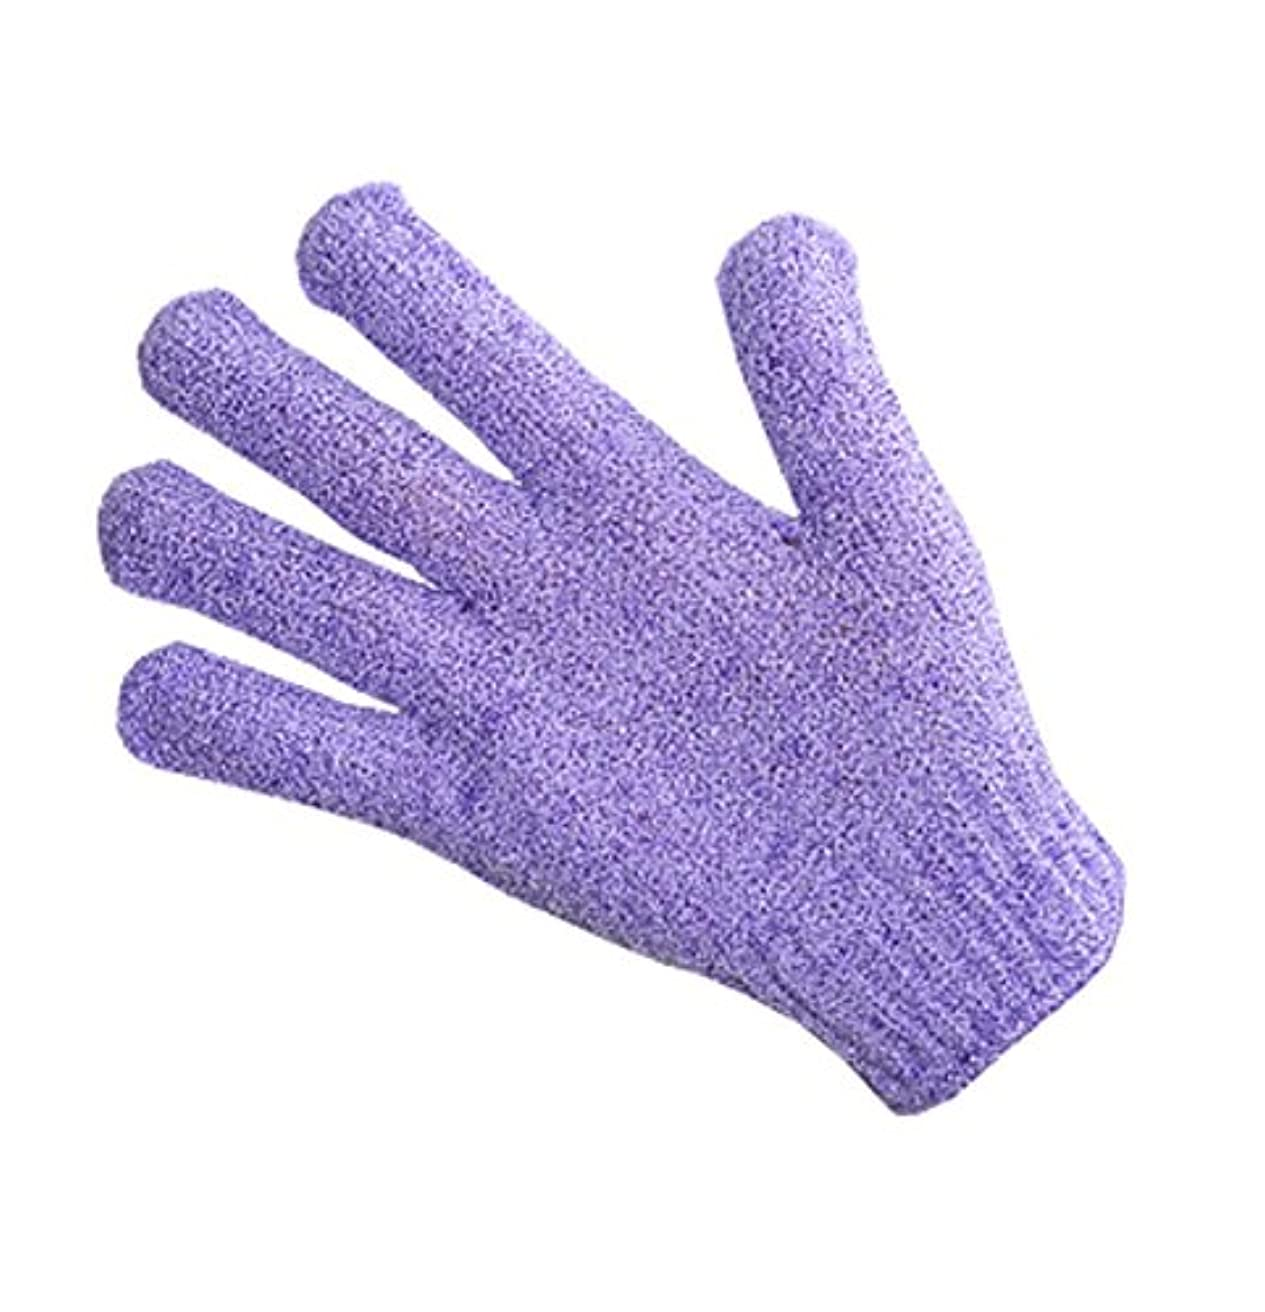 経歴動員する半円指、バスタオルエクスフォリエイティングラビングタオルボディバック-1ペア、紫